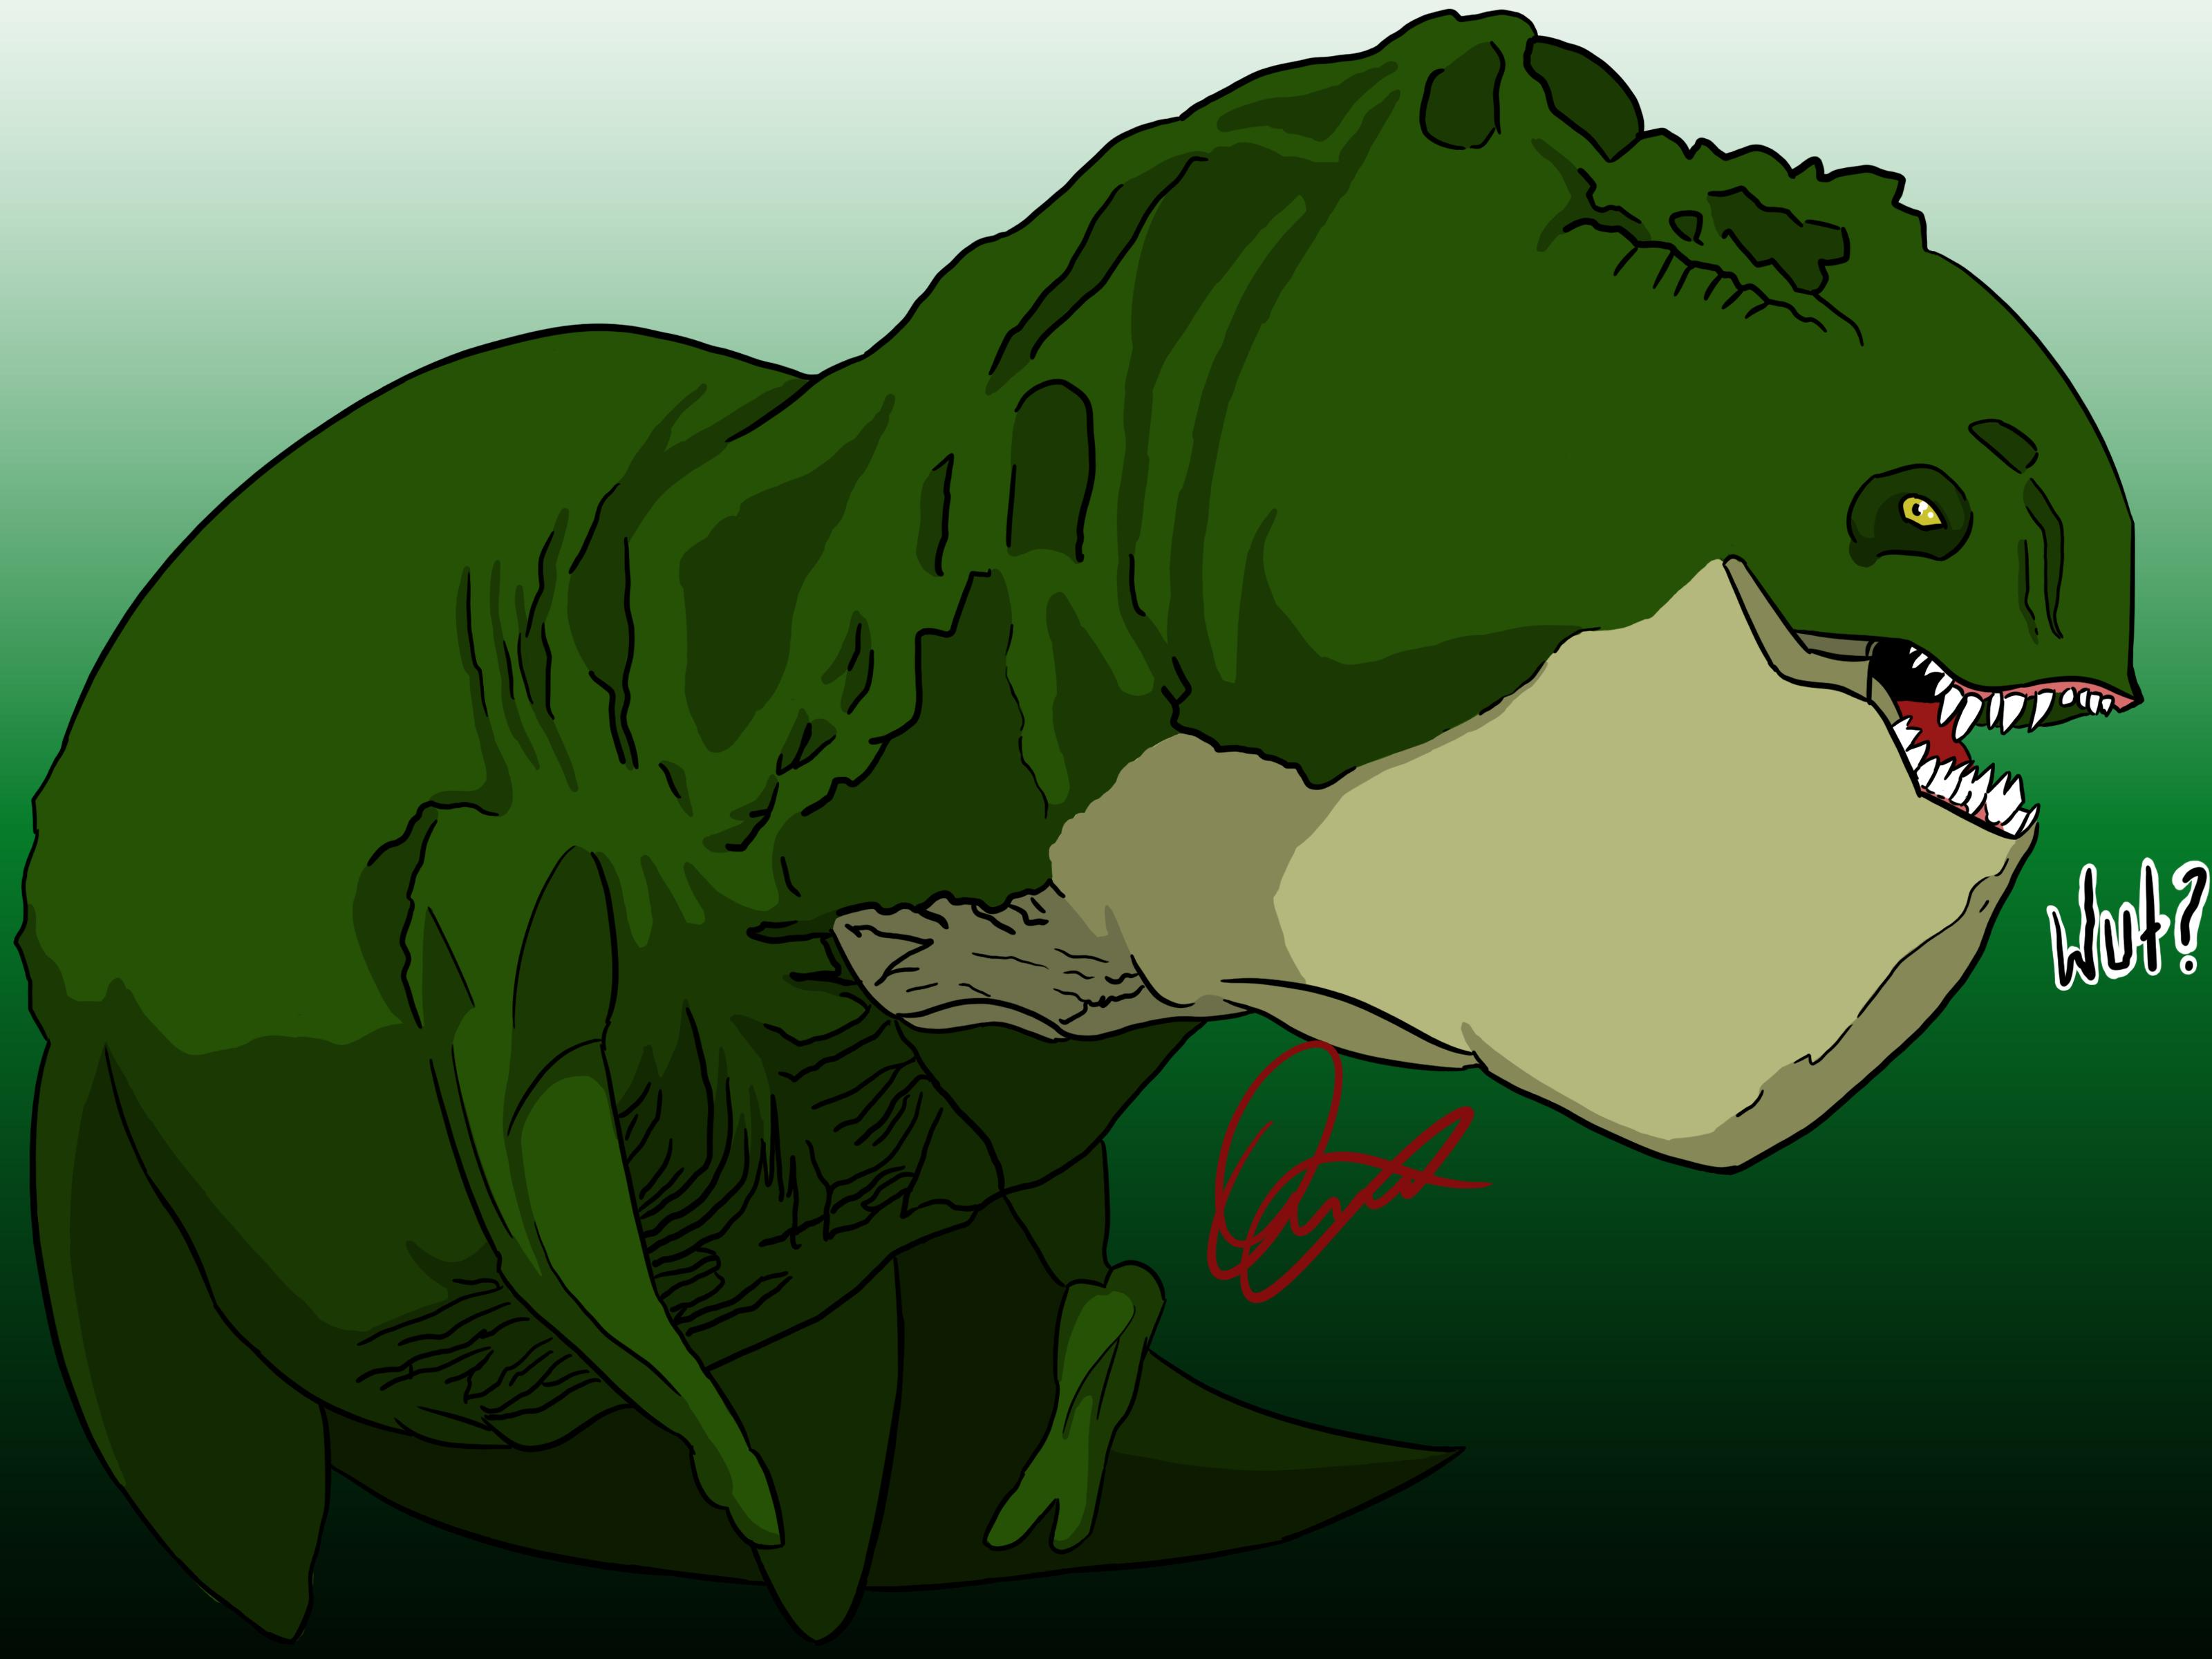 Derpasaurus Rex